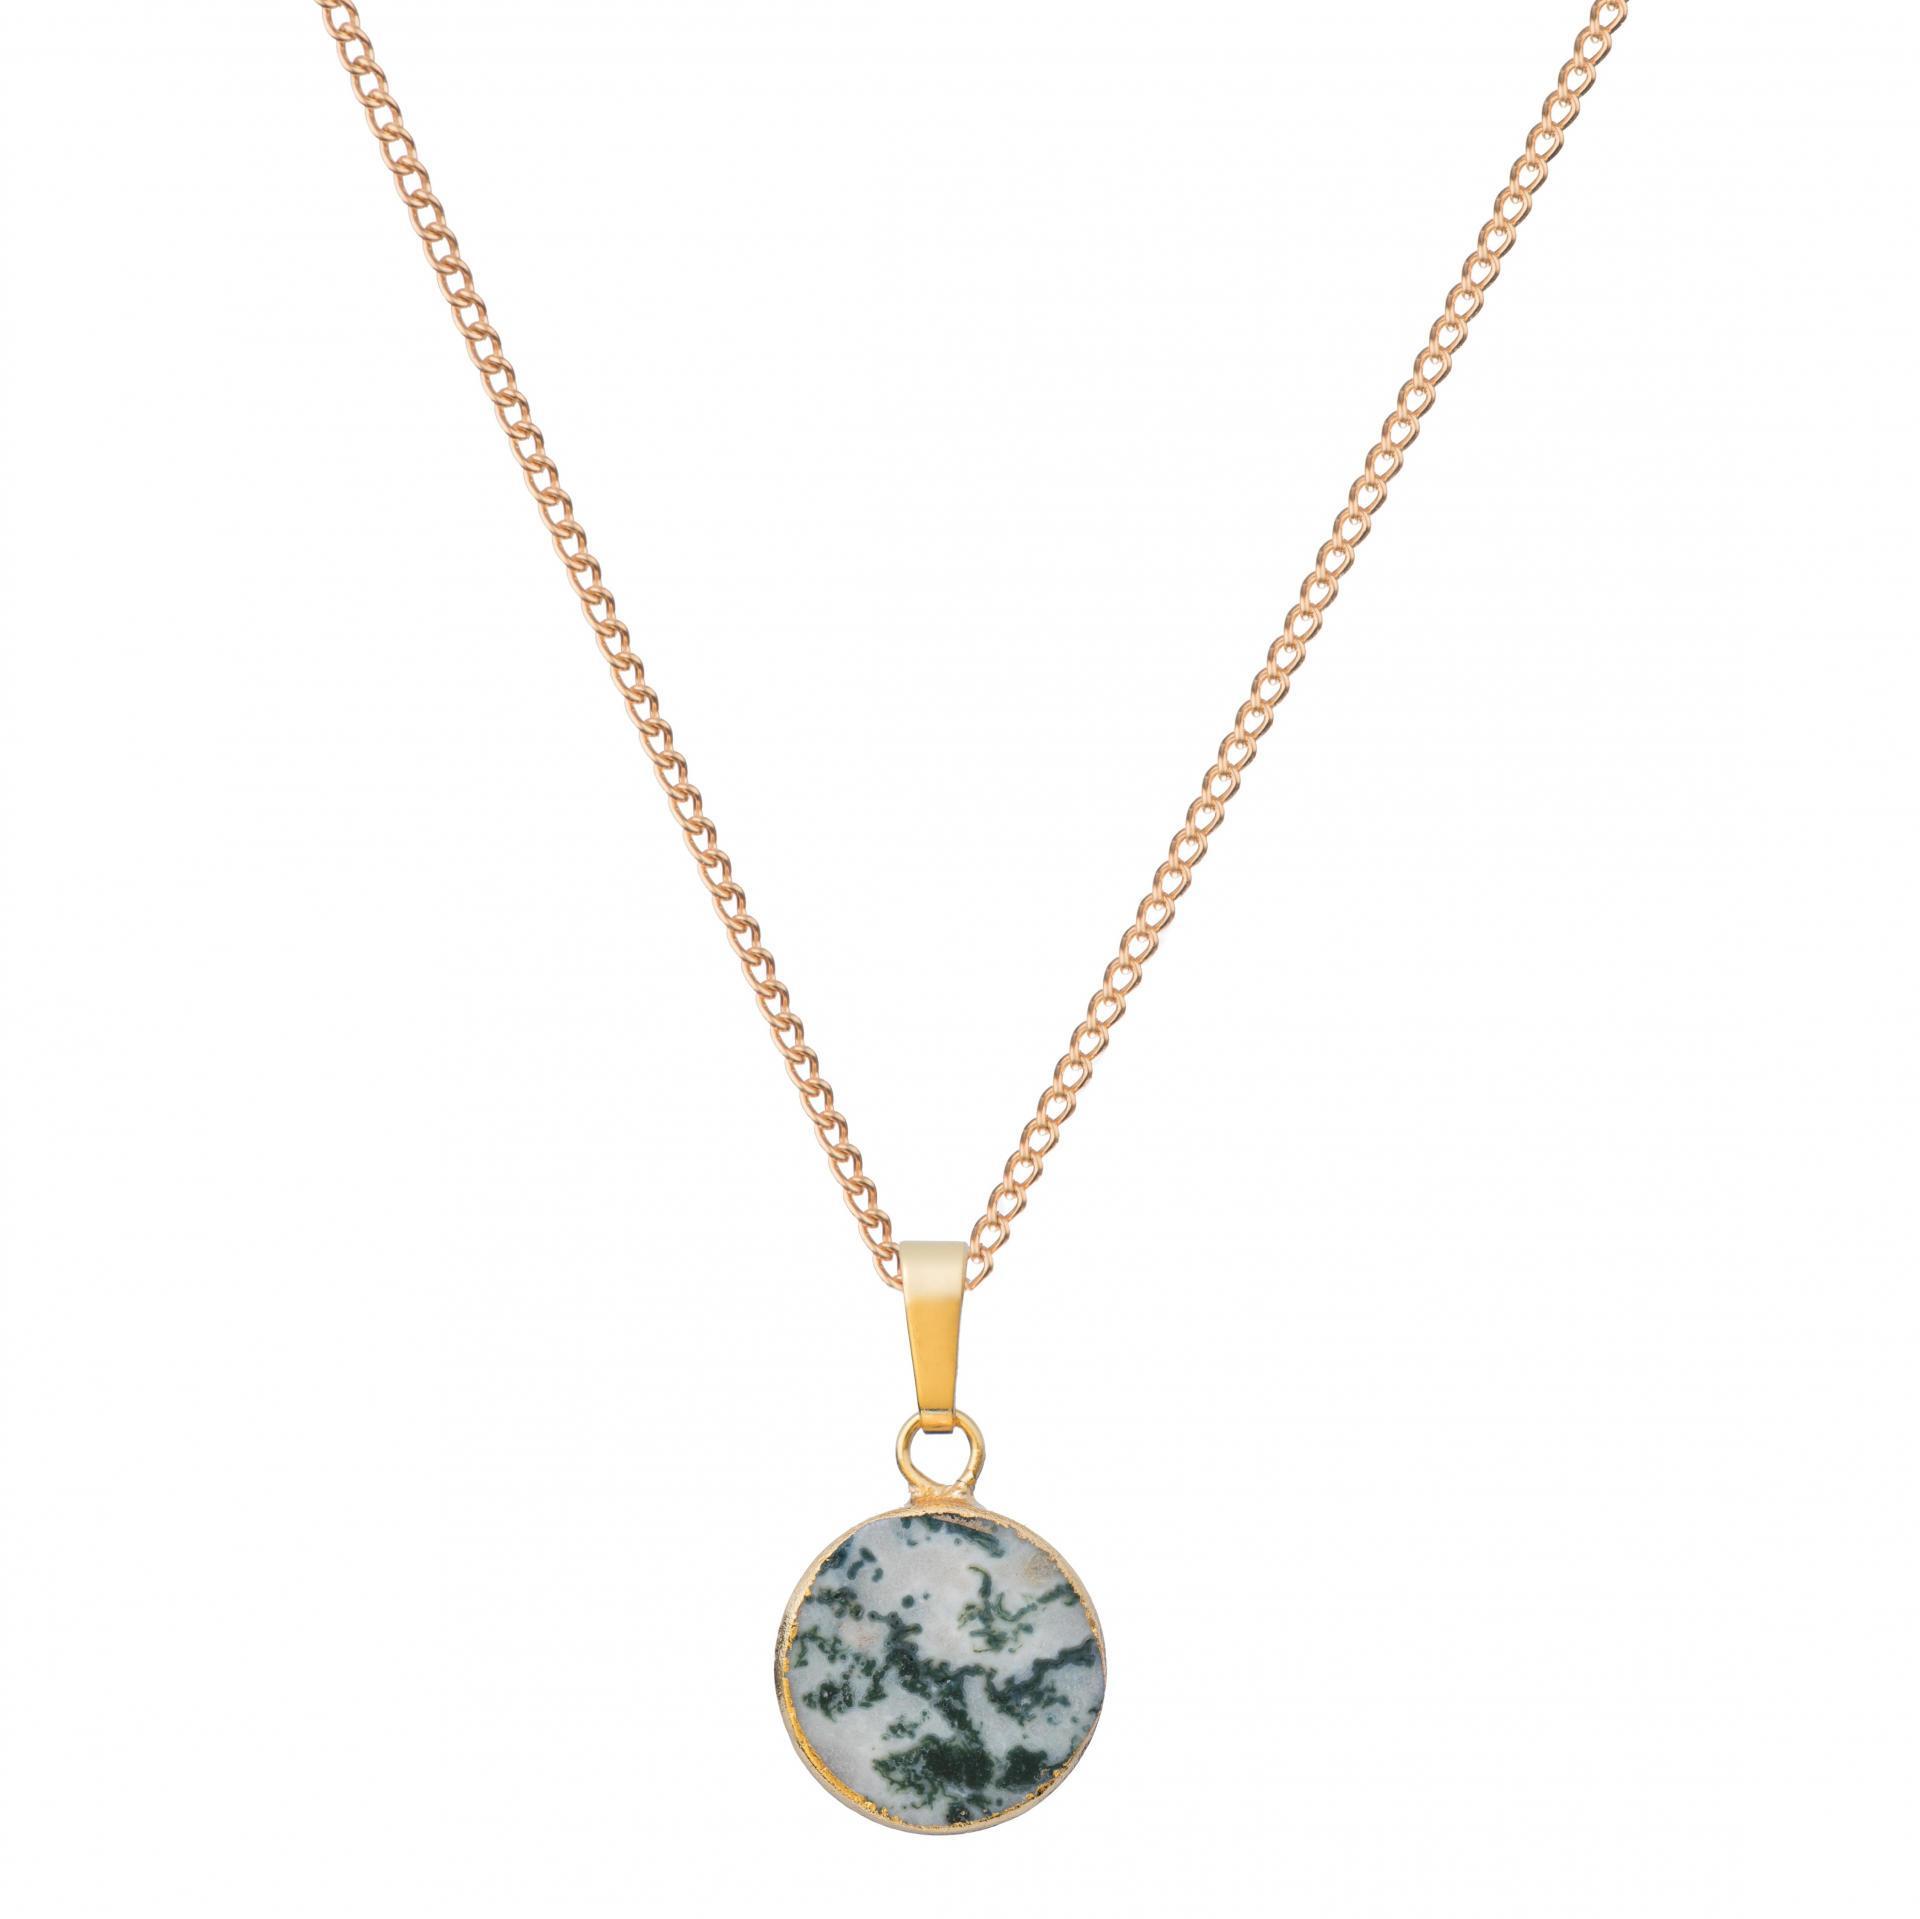 DECADORN Řetízek s přívěskem Circle Jasper Marble green/Gold, zelená barva, zlatá barva, kov, kámen